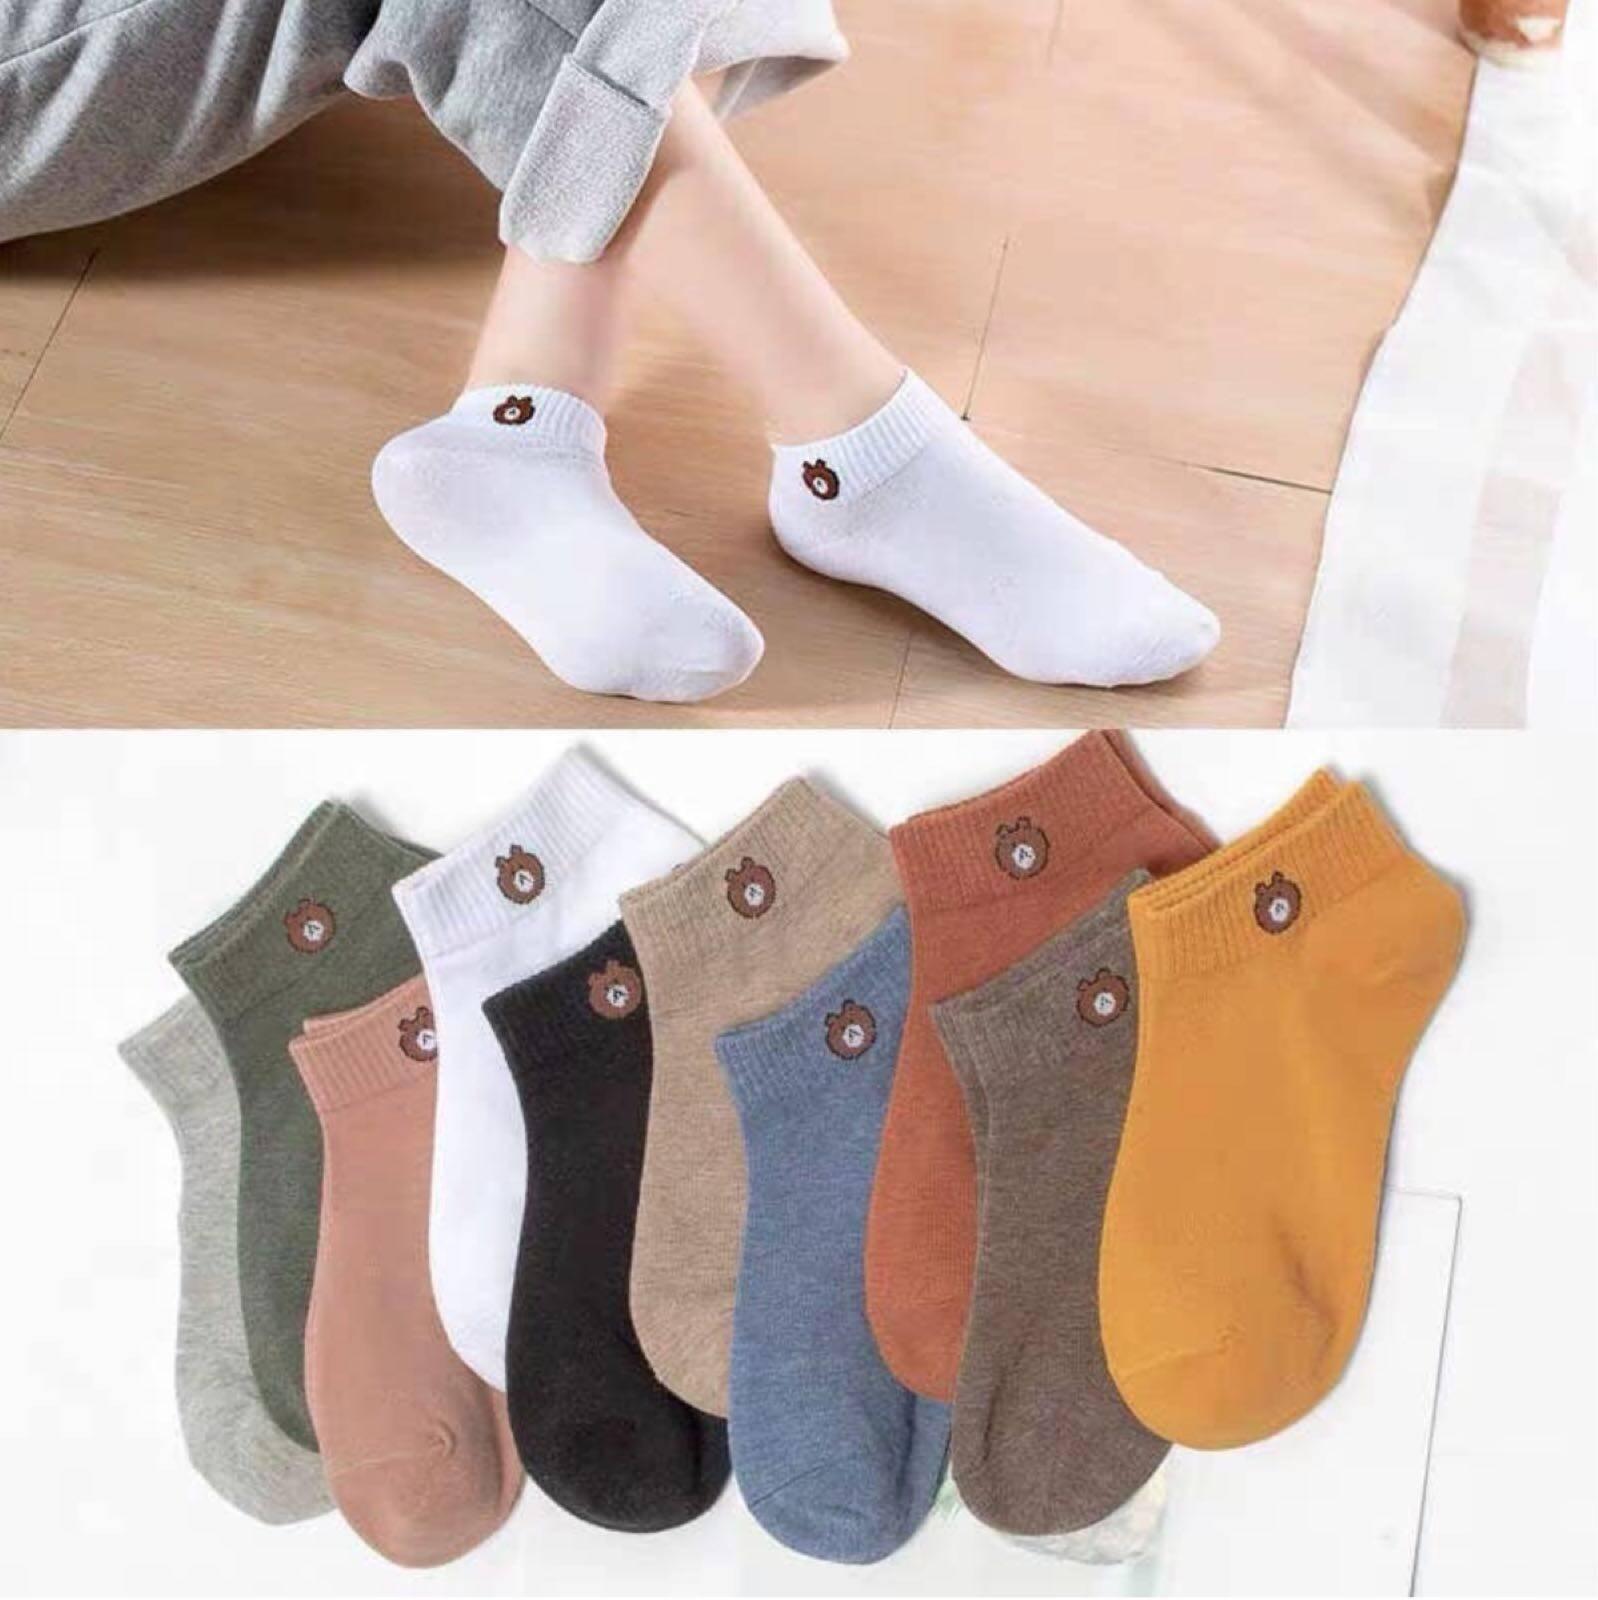 baby life ถุงเท้าข้อสั้น ถุงเท้า ใส่ได้ทั้งชายหญิง แพ็ค ถุงเท้าผ้าฝ้ายสไตล์เกาหลี ถุงเท้าหมีบราว พร้อมถุงหมีบราว หมีบราวไลน์ลายการ์ตูนน่ารัก รุ่น:Z110